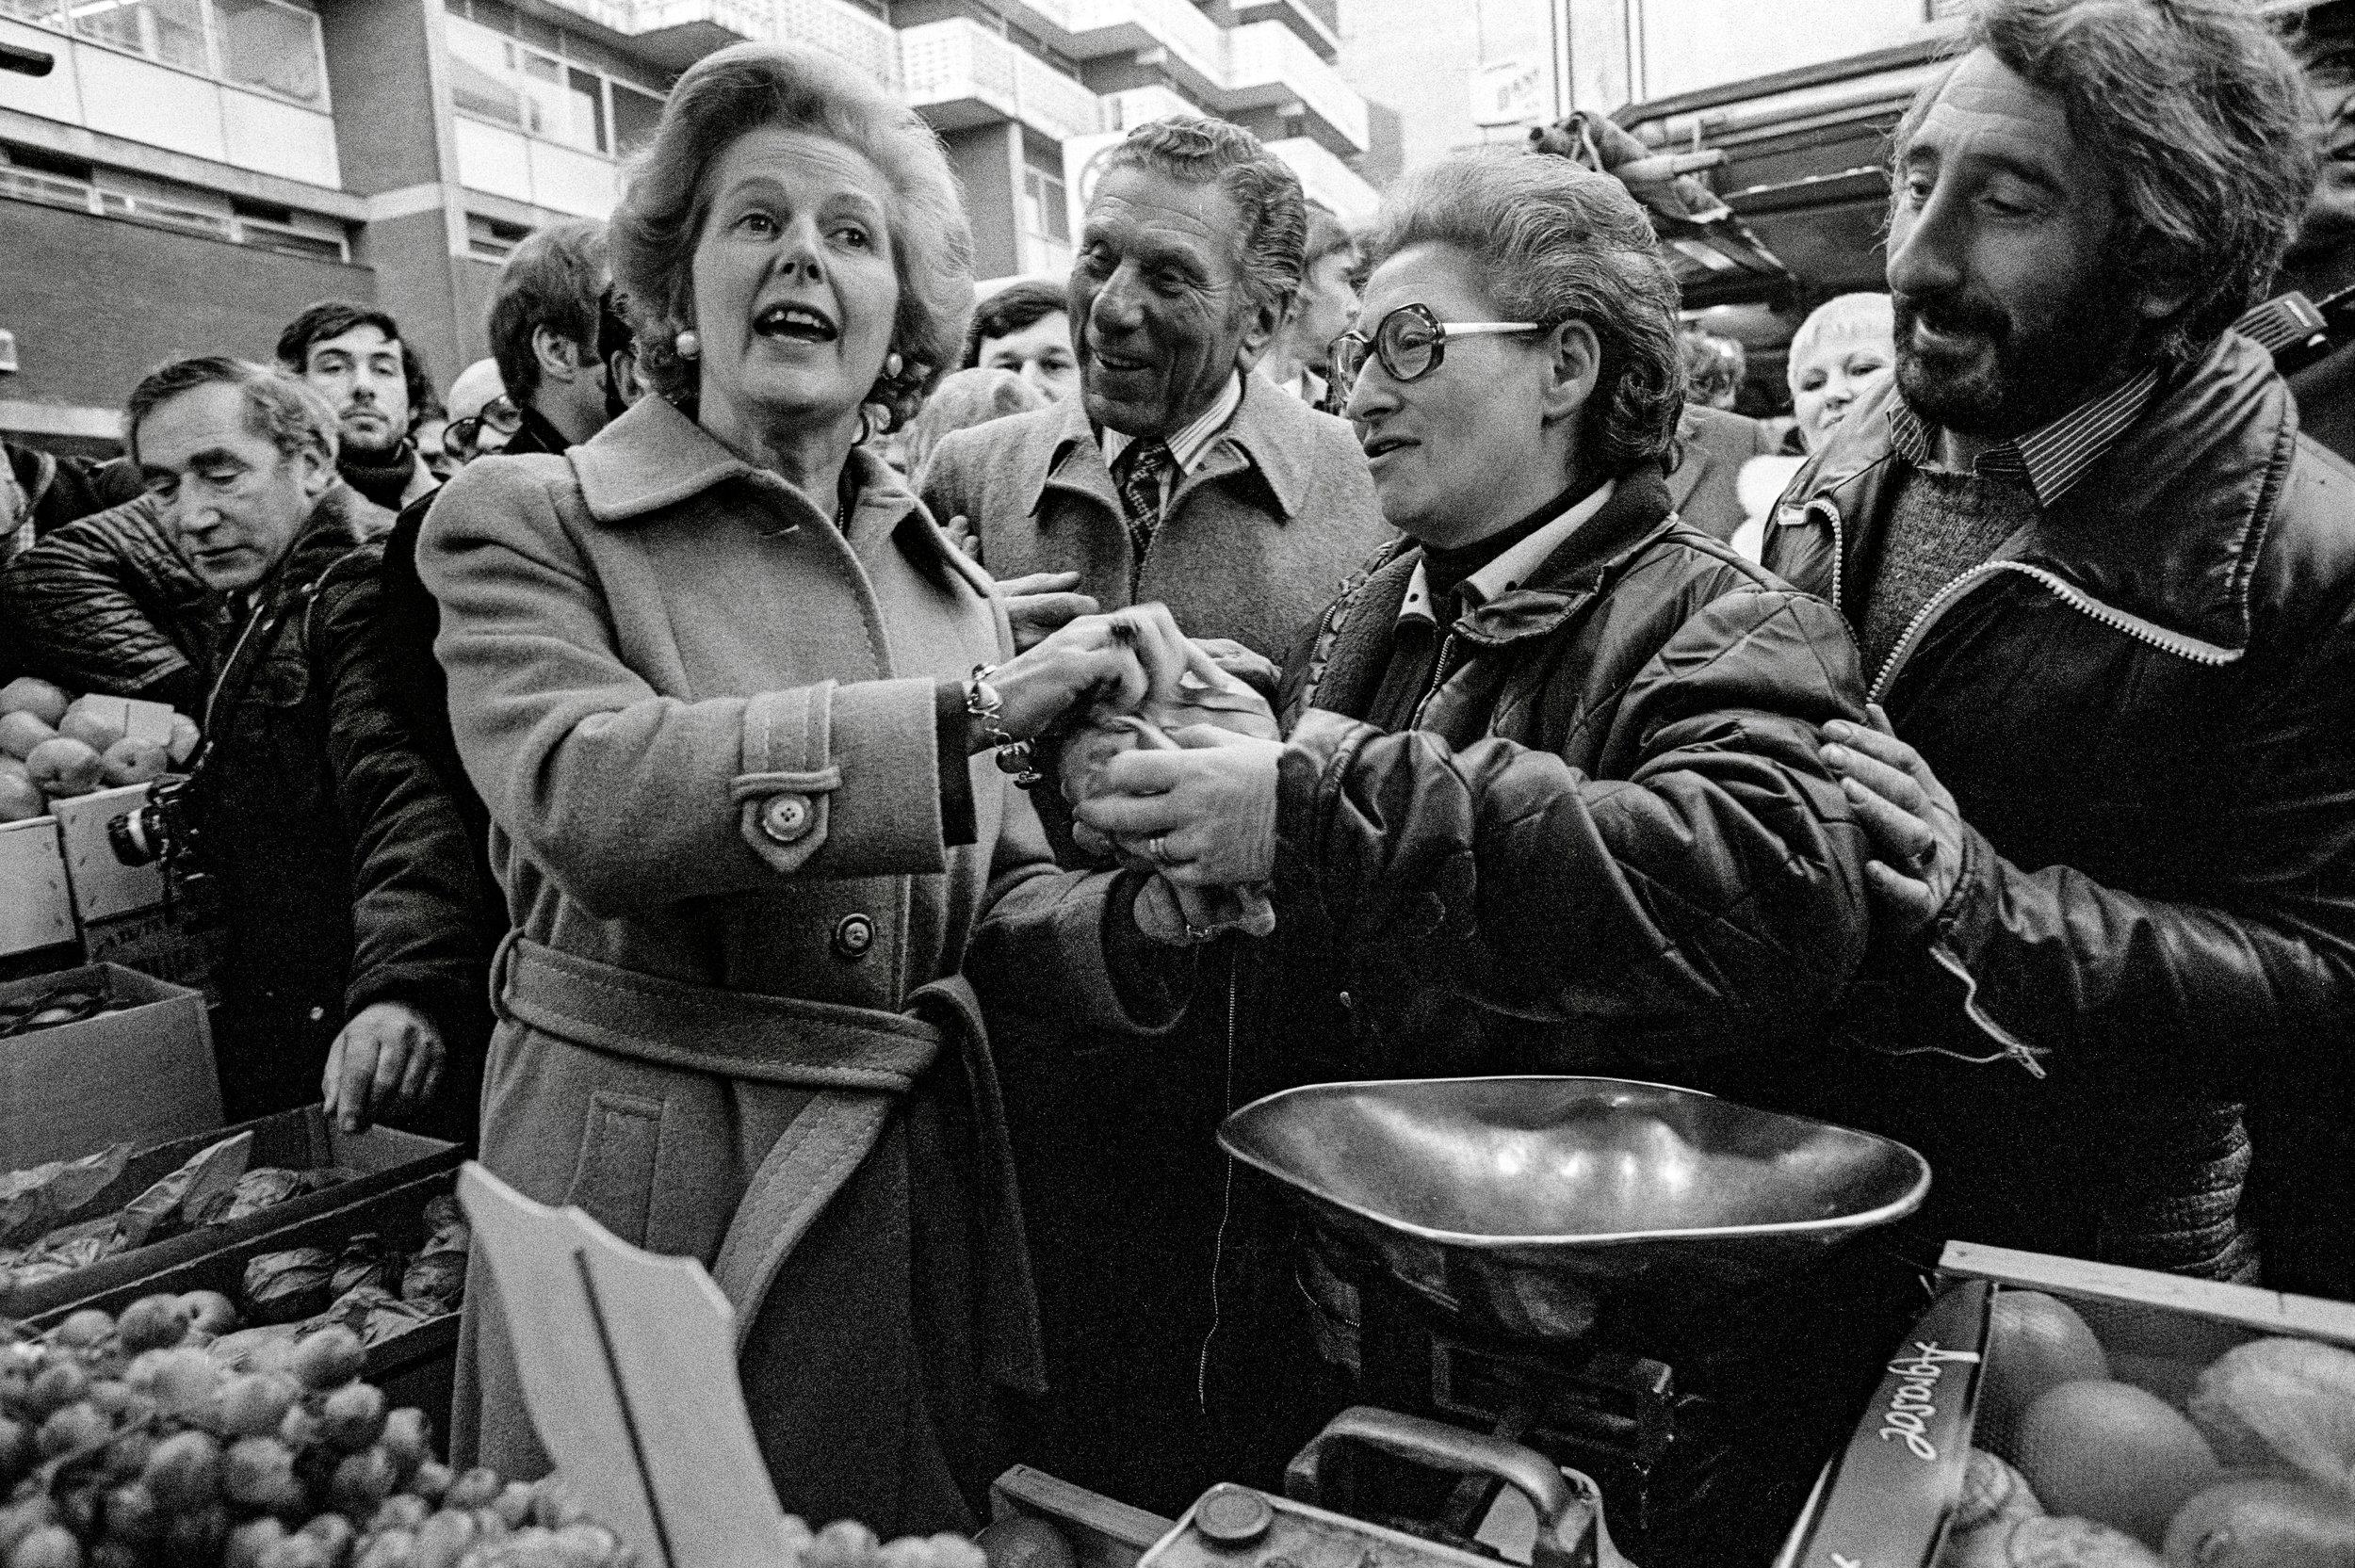 Prime Minister Margaret Thatcher visits Brixton Market, 1978